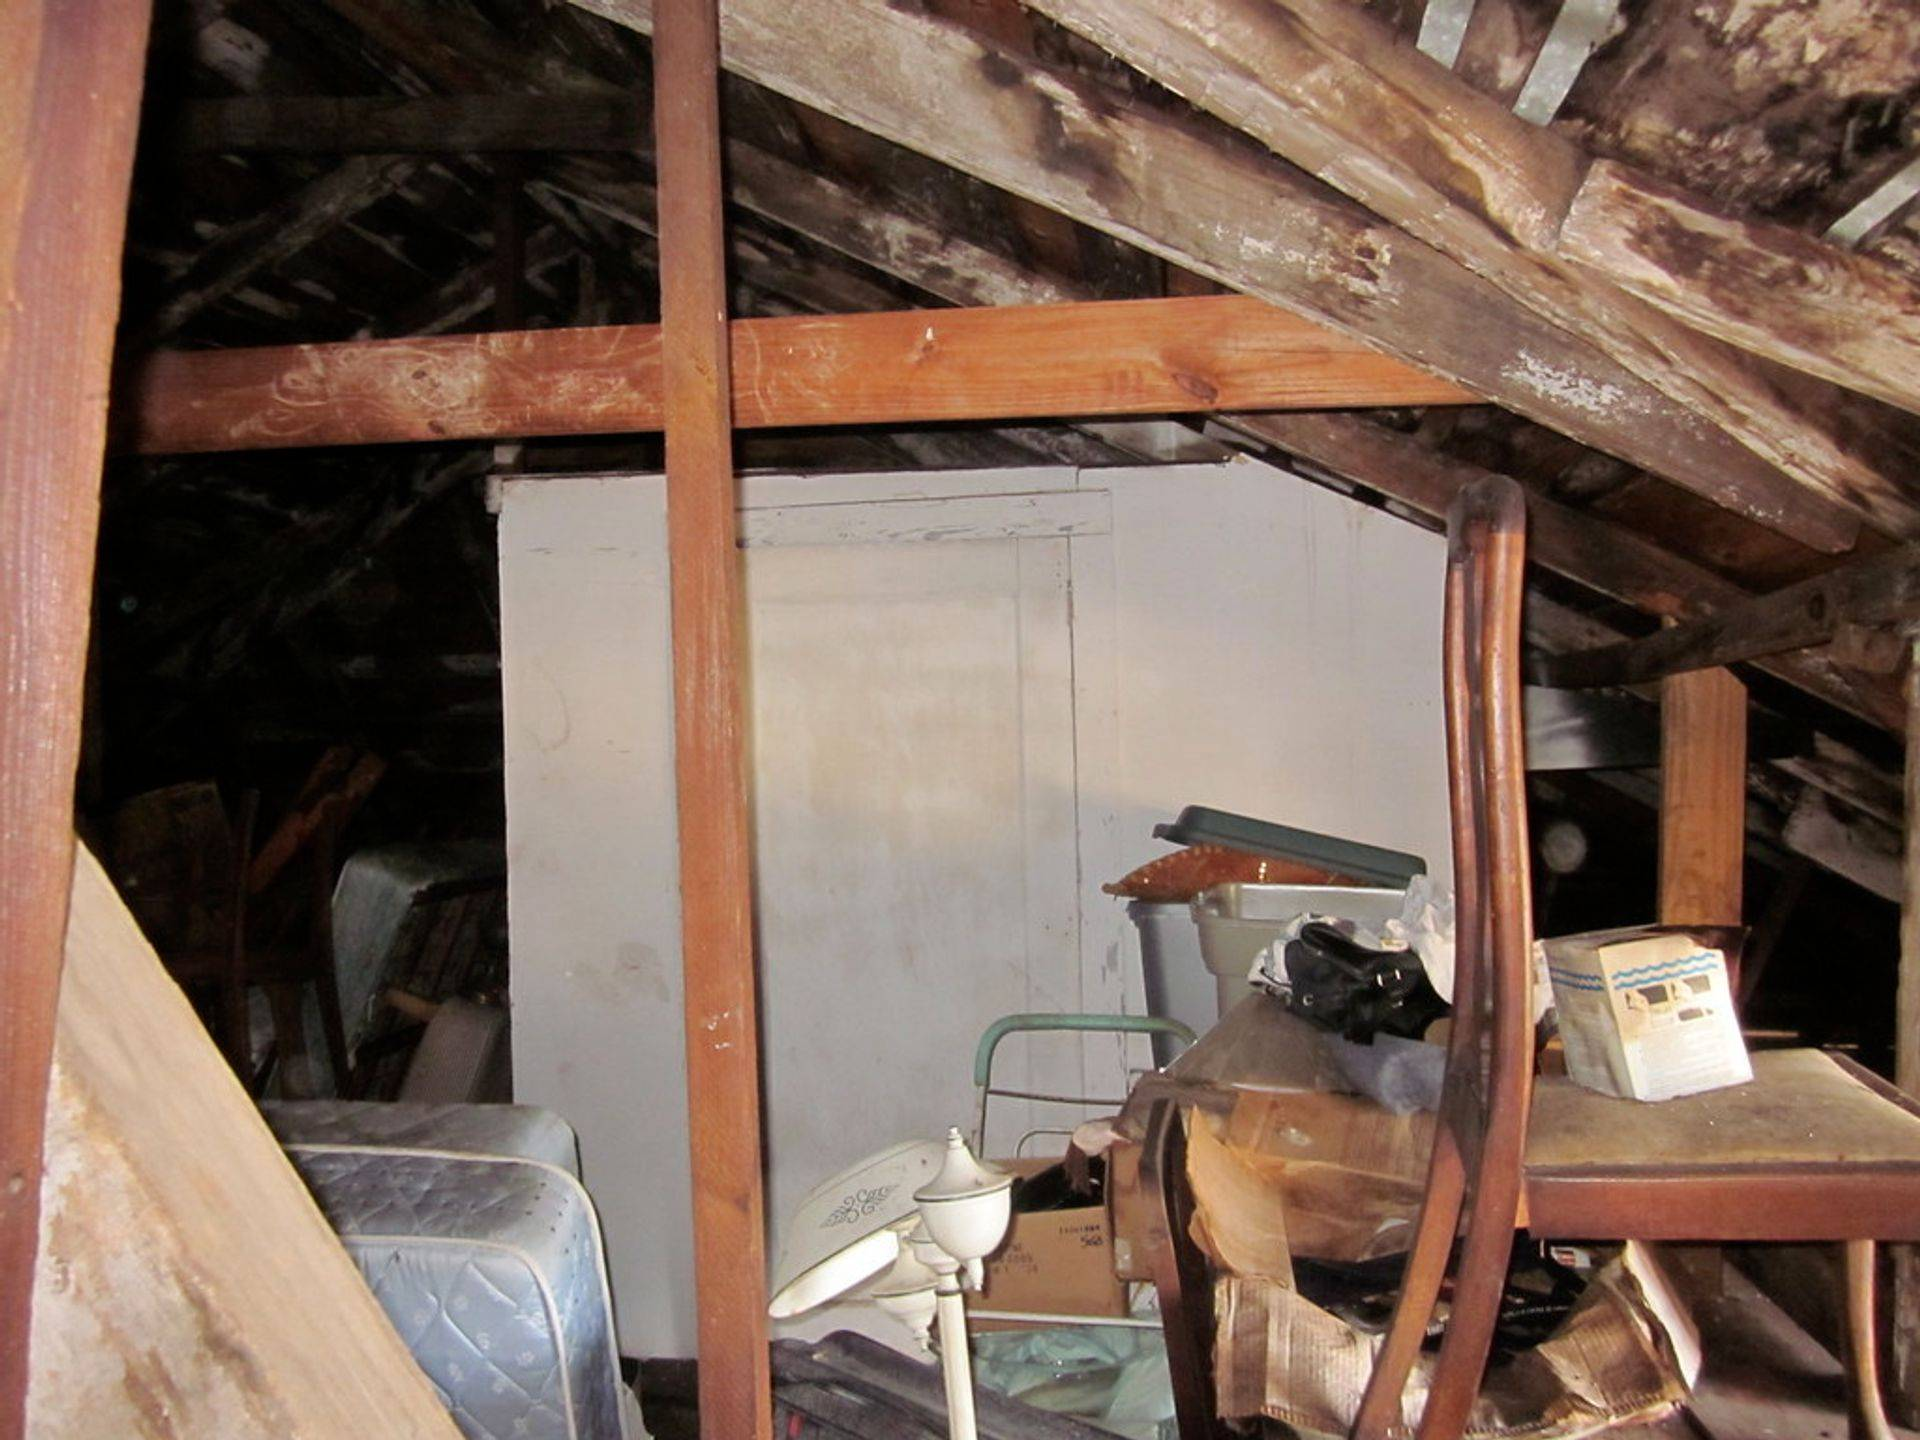 how bat colonies can damage attics